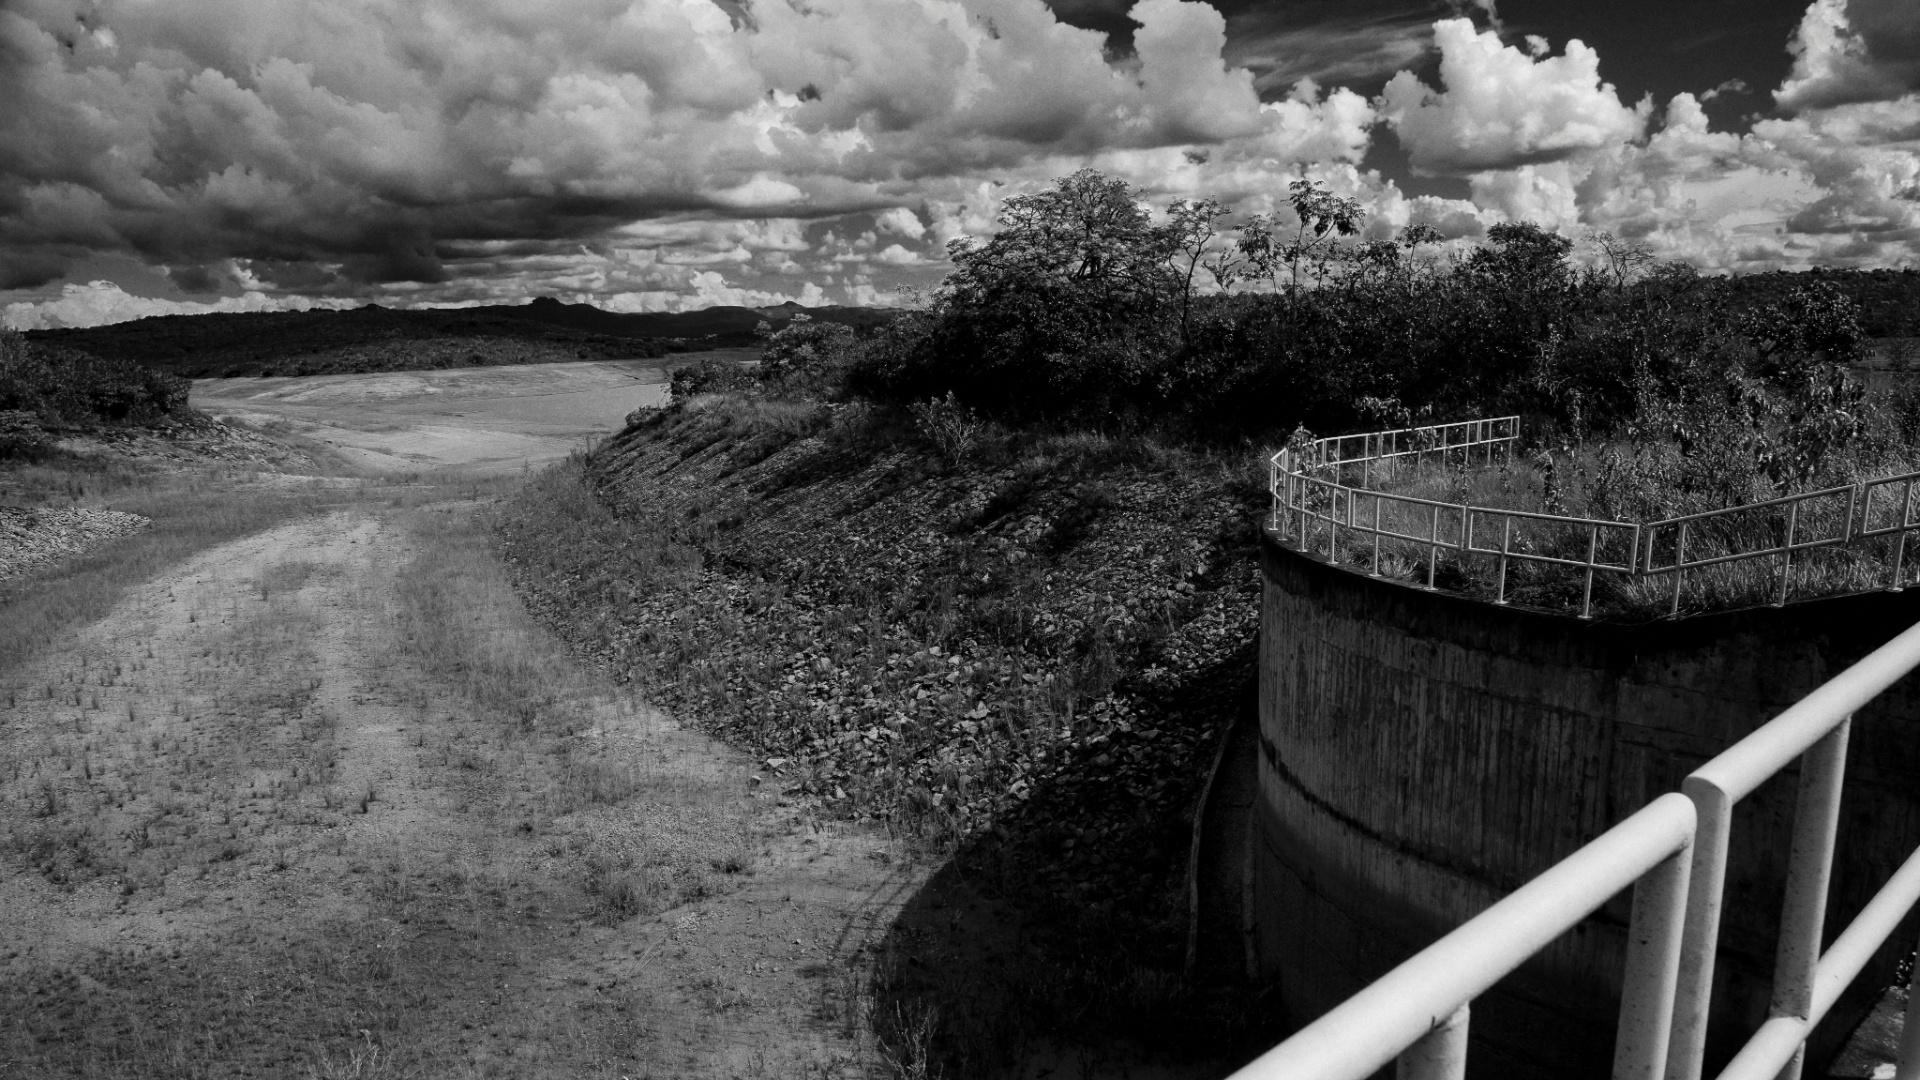 4.ago.2015 - Sem vegetação em suas margens, os reservatórios têm mais dificuldade de armazenar água pois sofrem com a erosão, poluição e o assoreamento Paroapeba